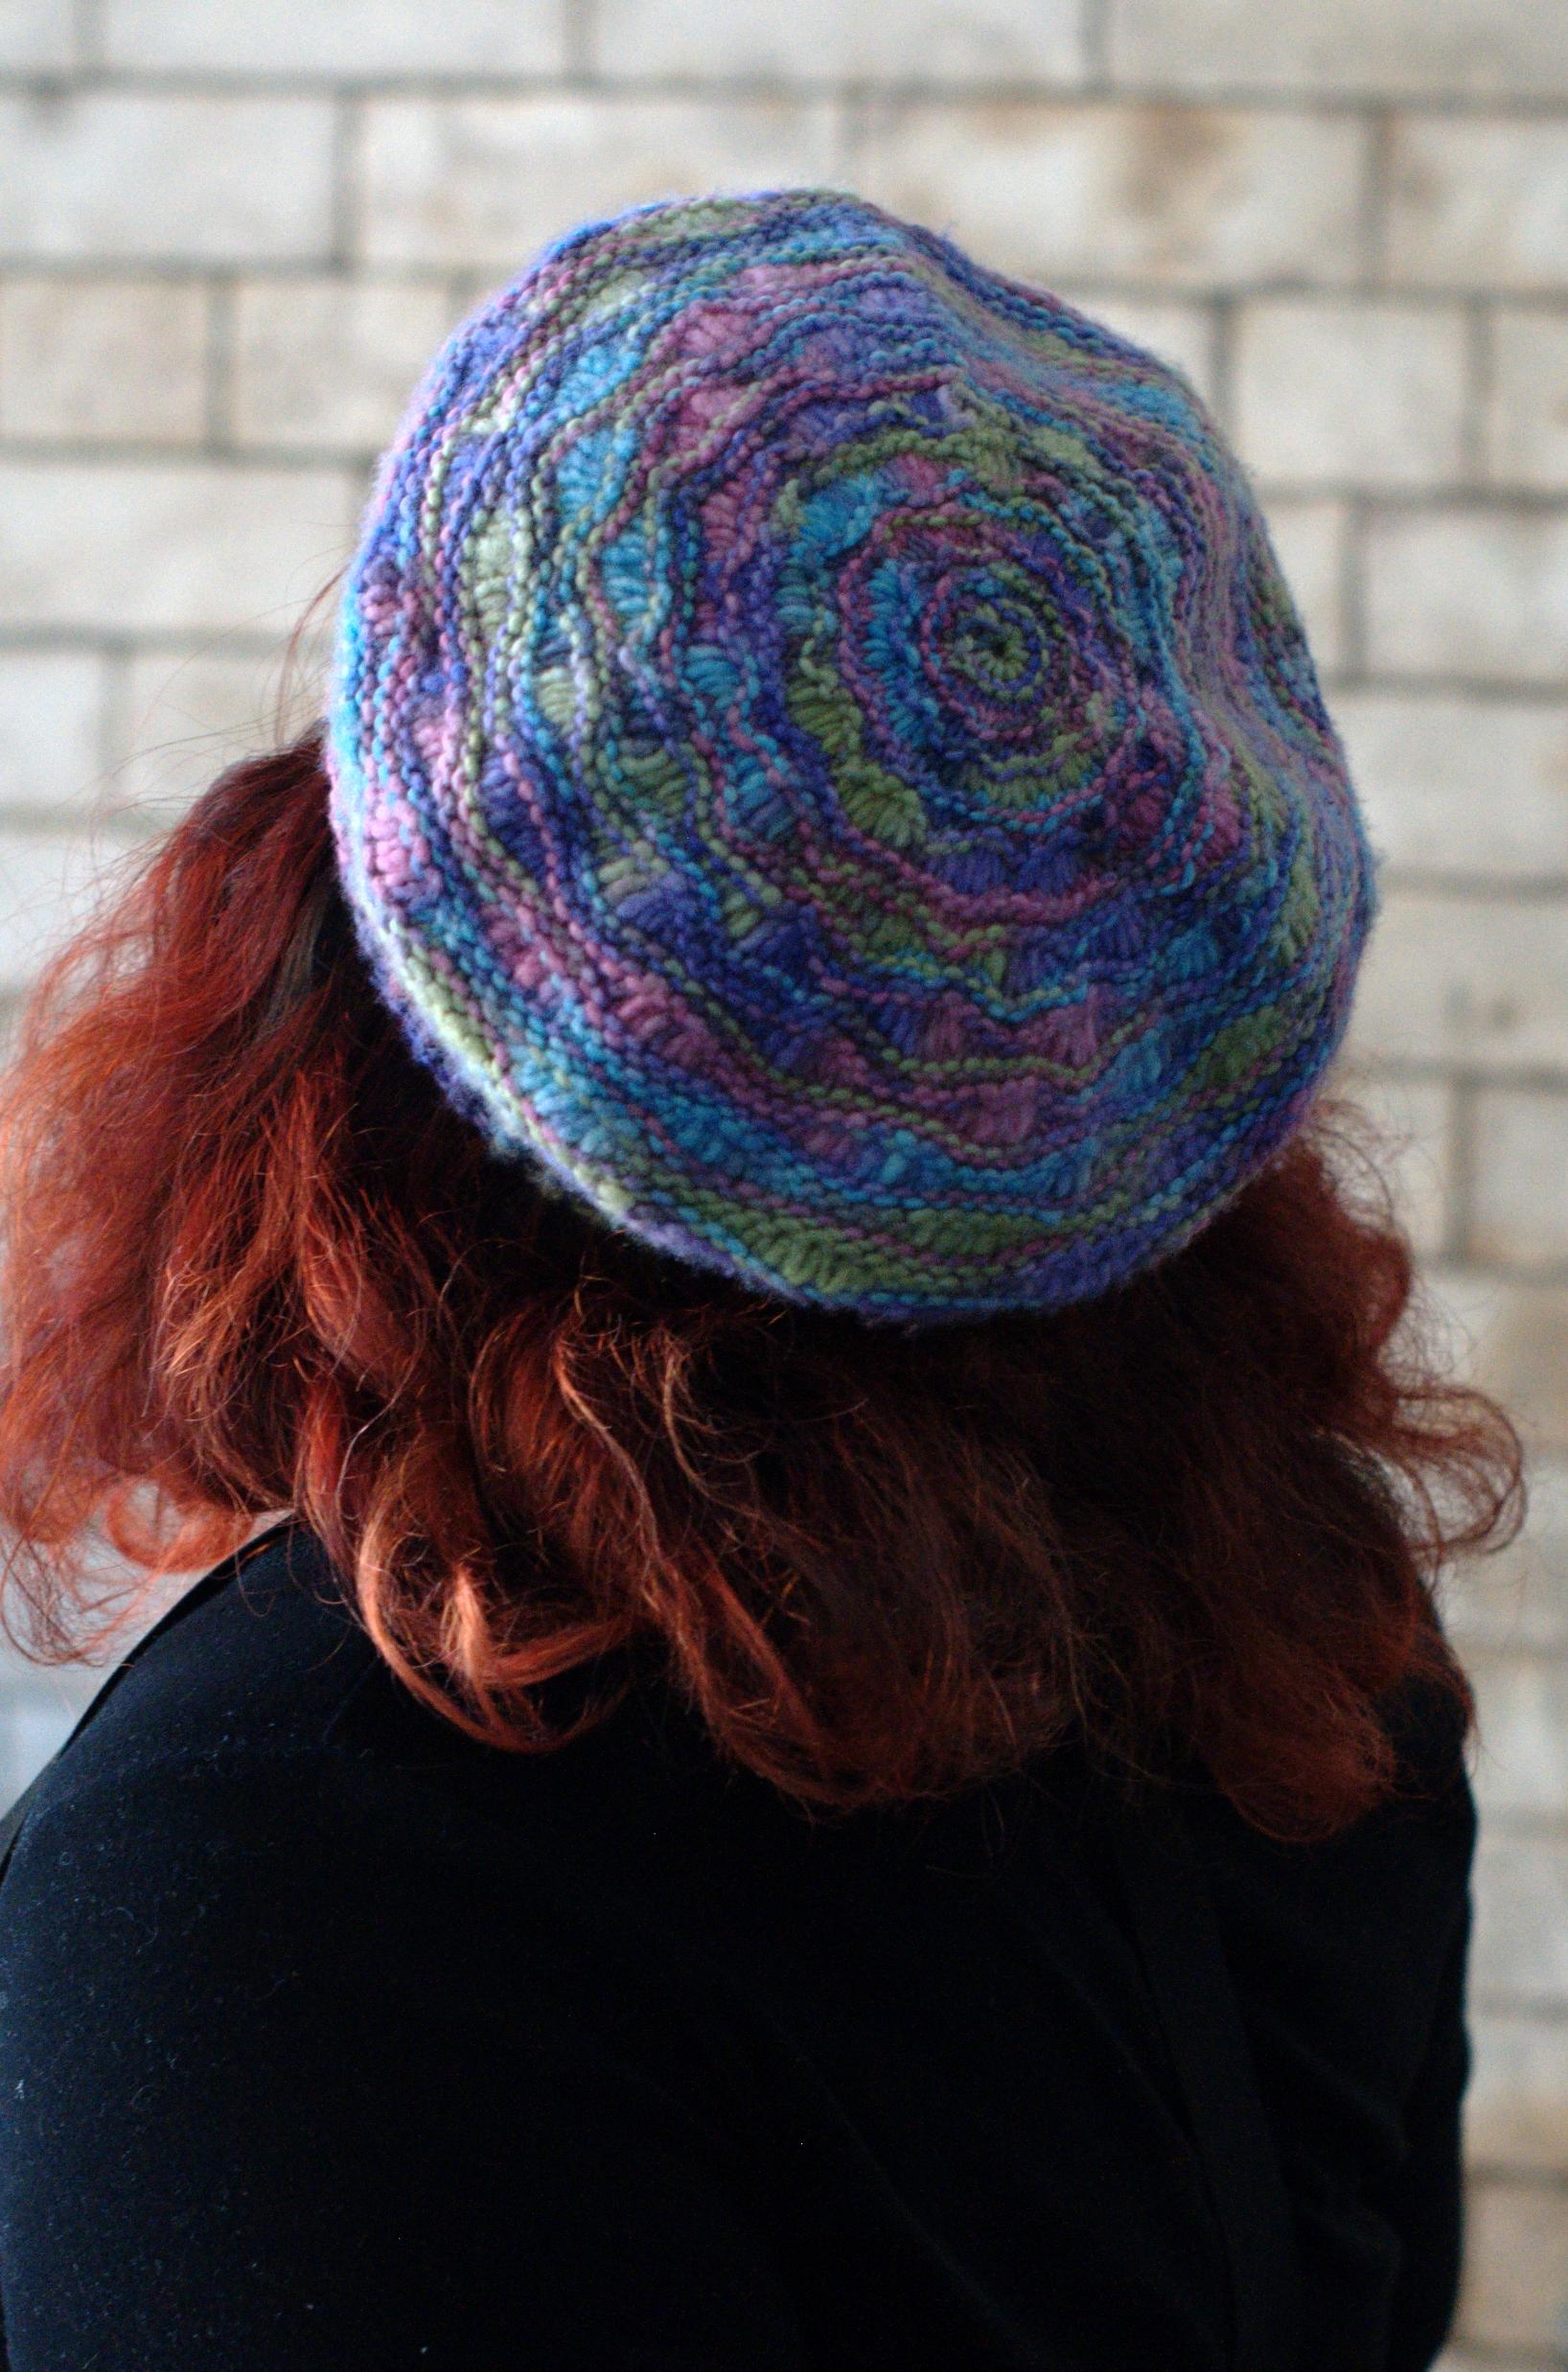 Jetty lace beret knitting pattern